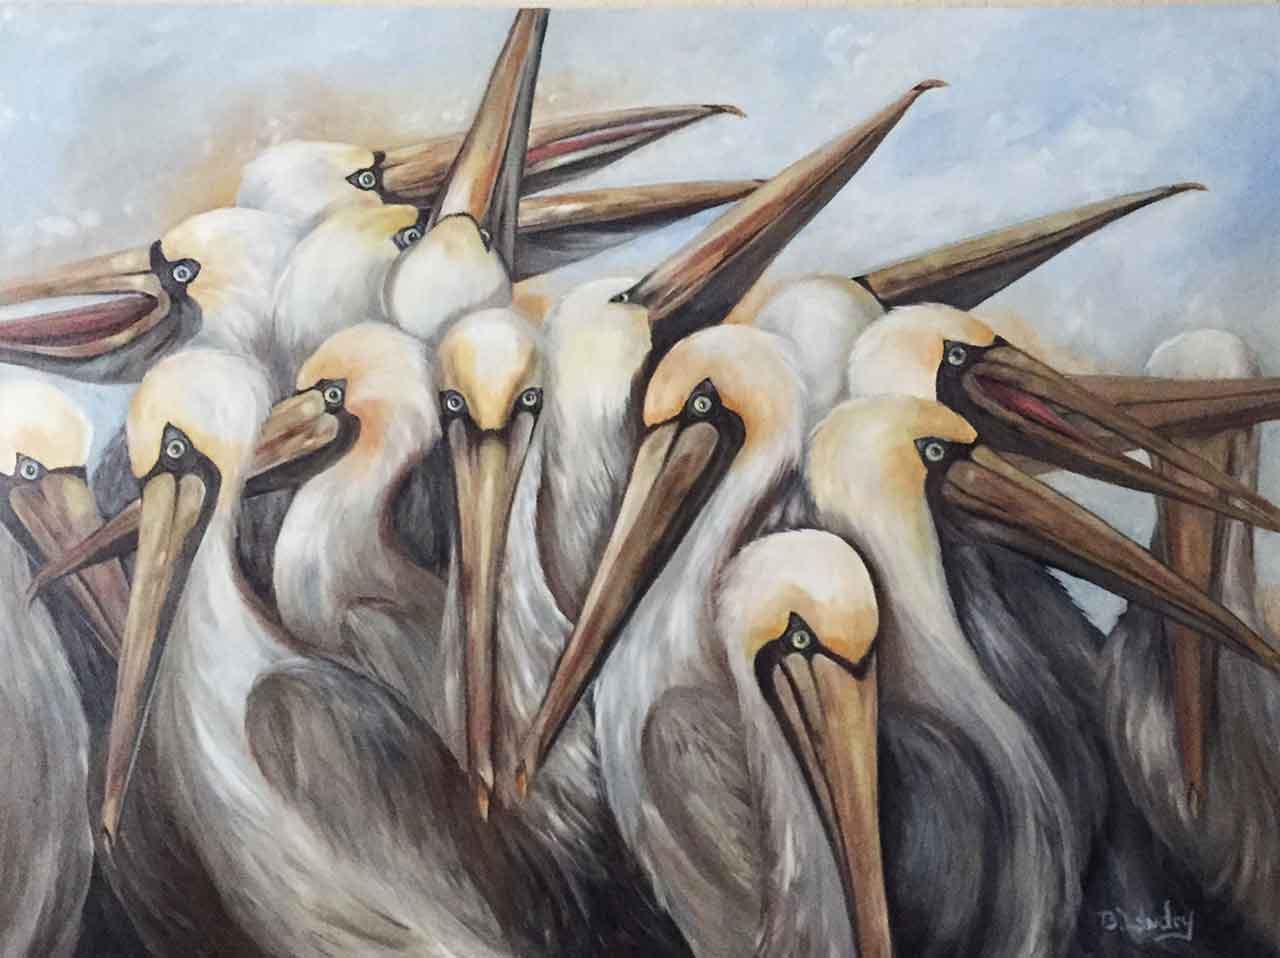 Landry_Pelicans-in-Summer-Plumage-BLandr